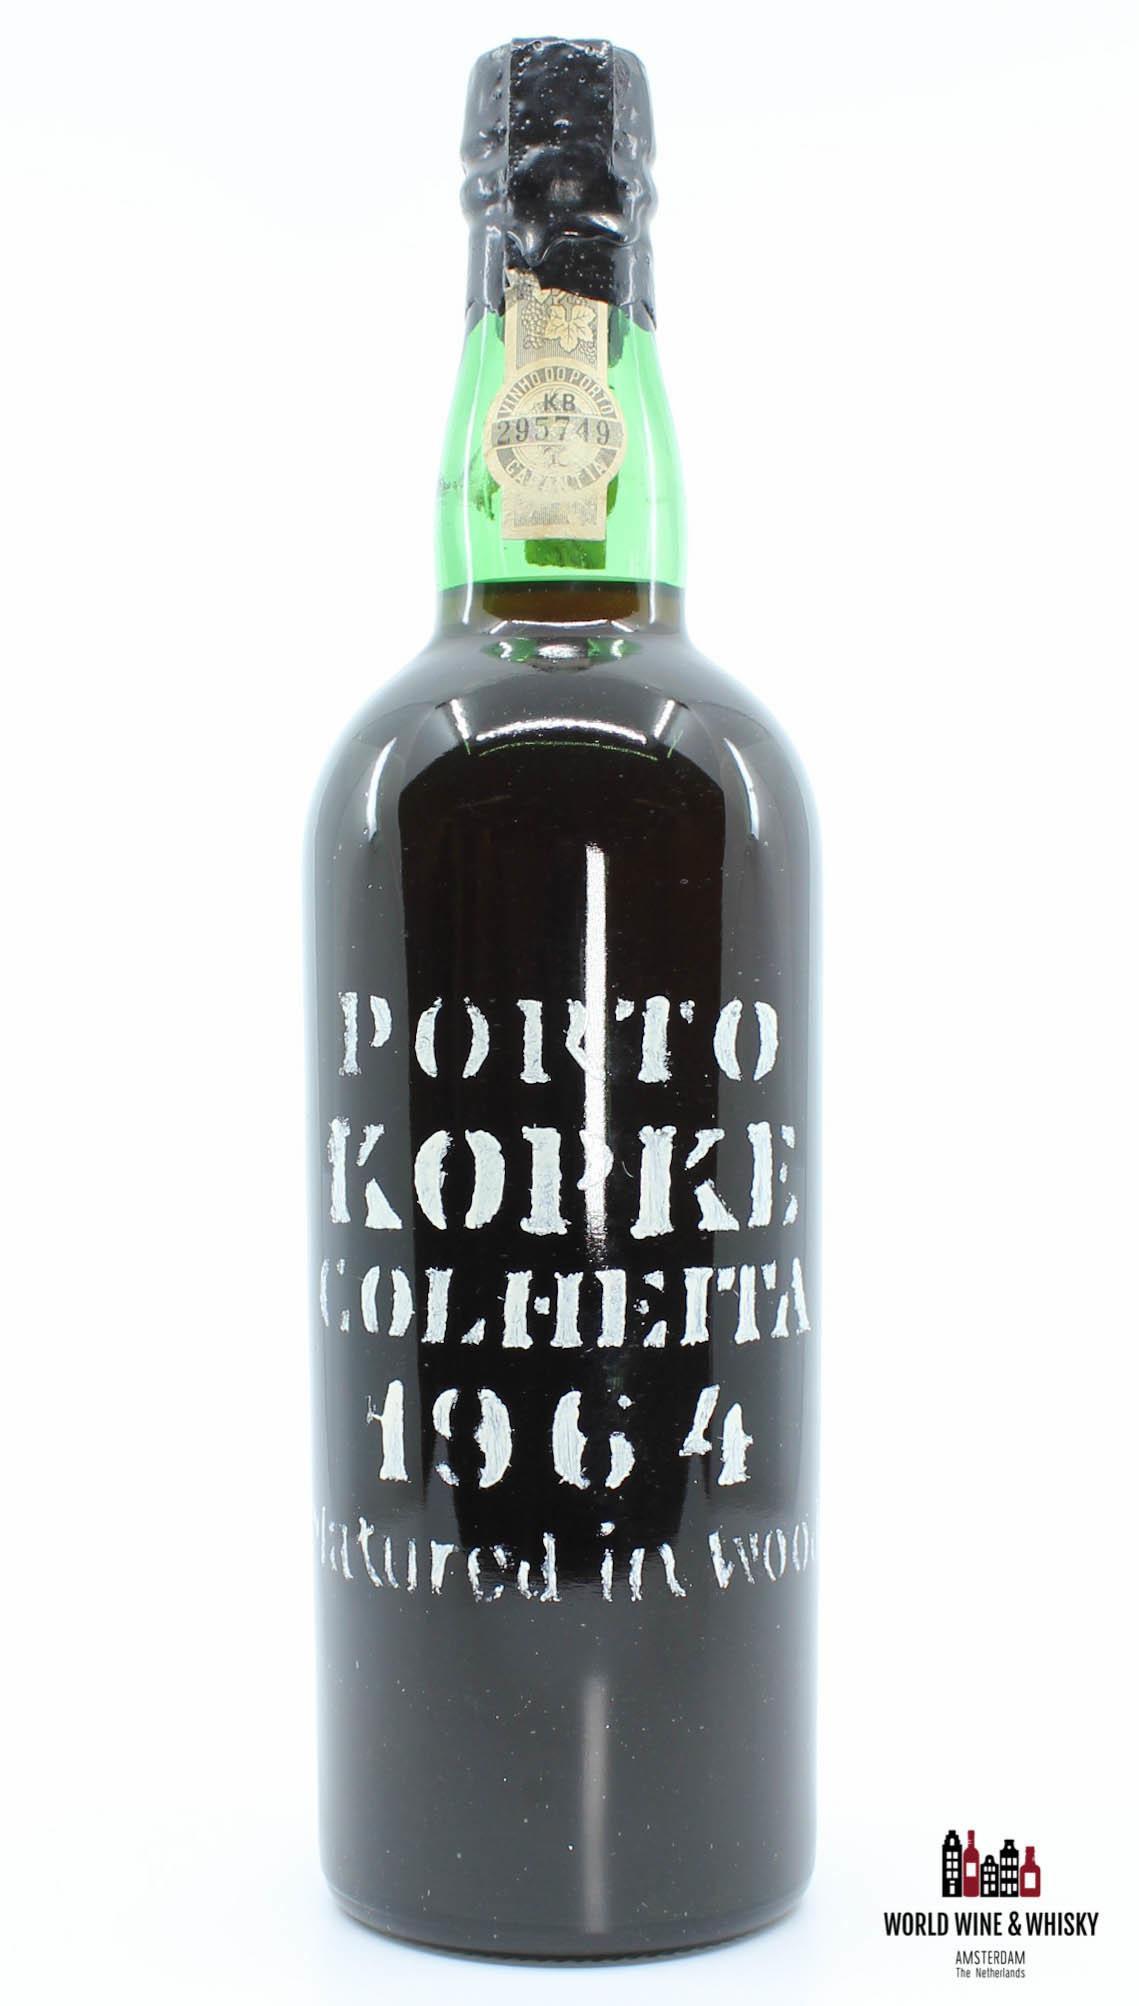 Kopke Porto Kopke Colheita 1964 (bottled in 1983) 20.5%